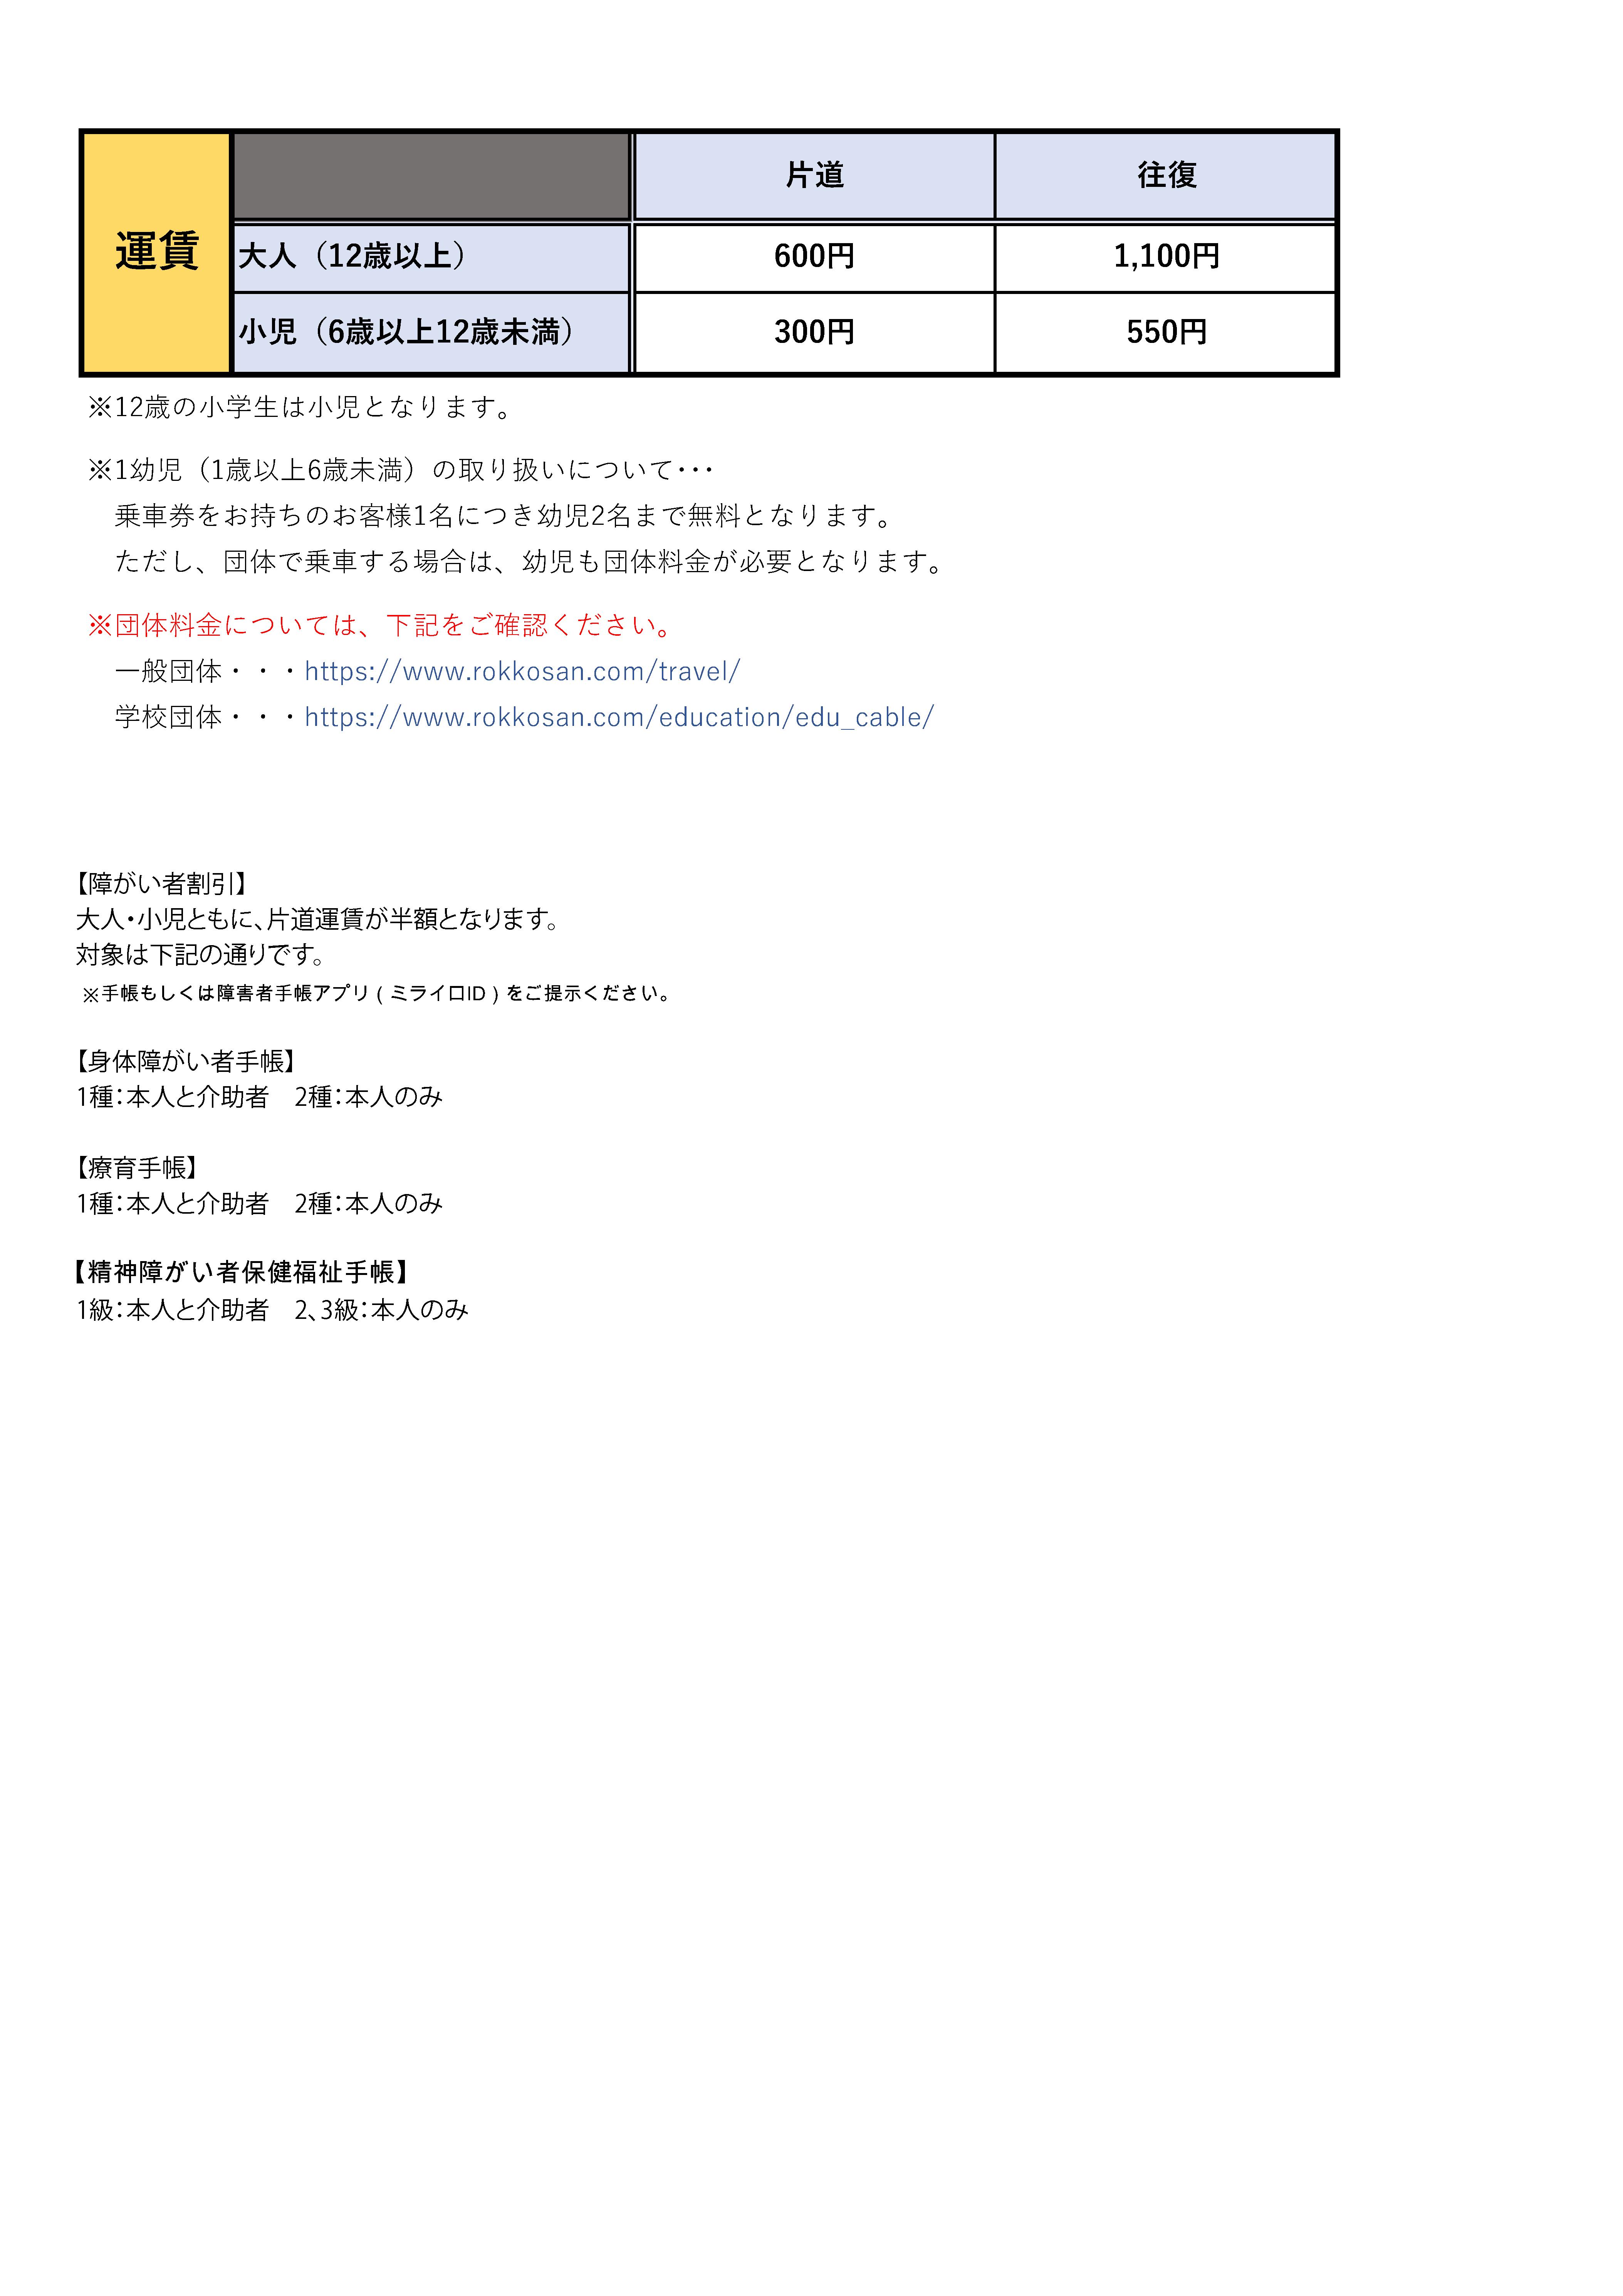 六甲ケーブル運賃表